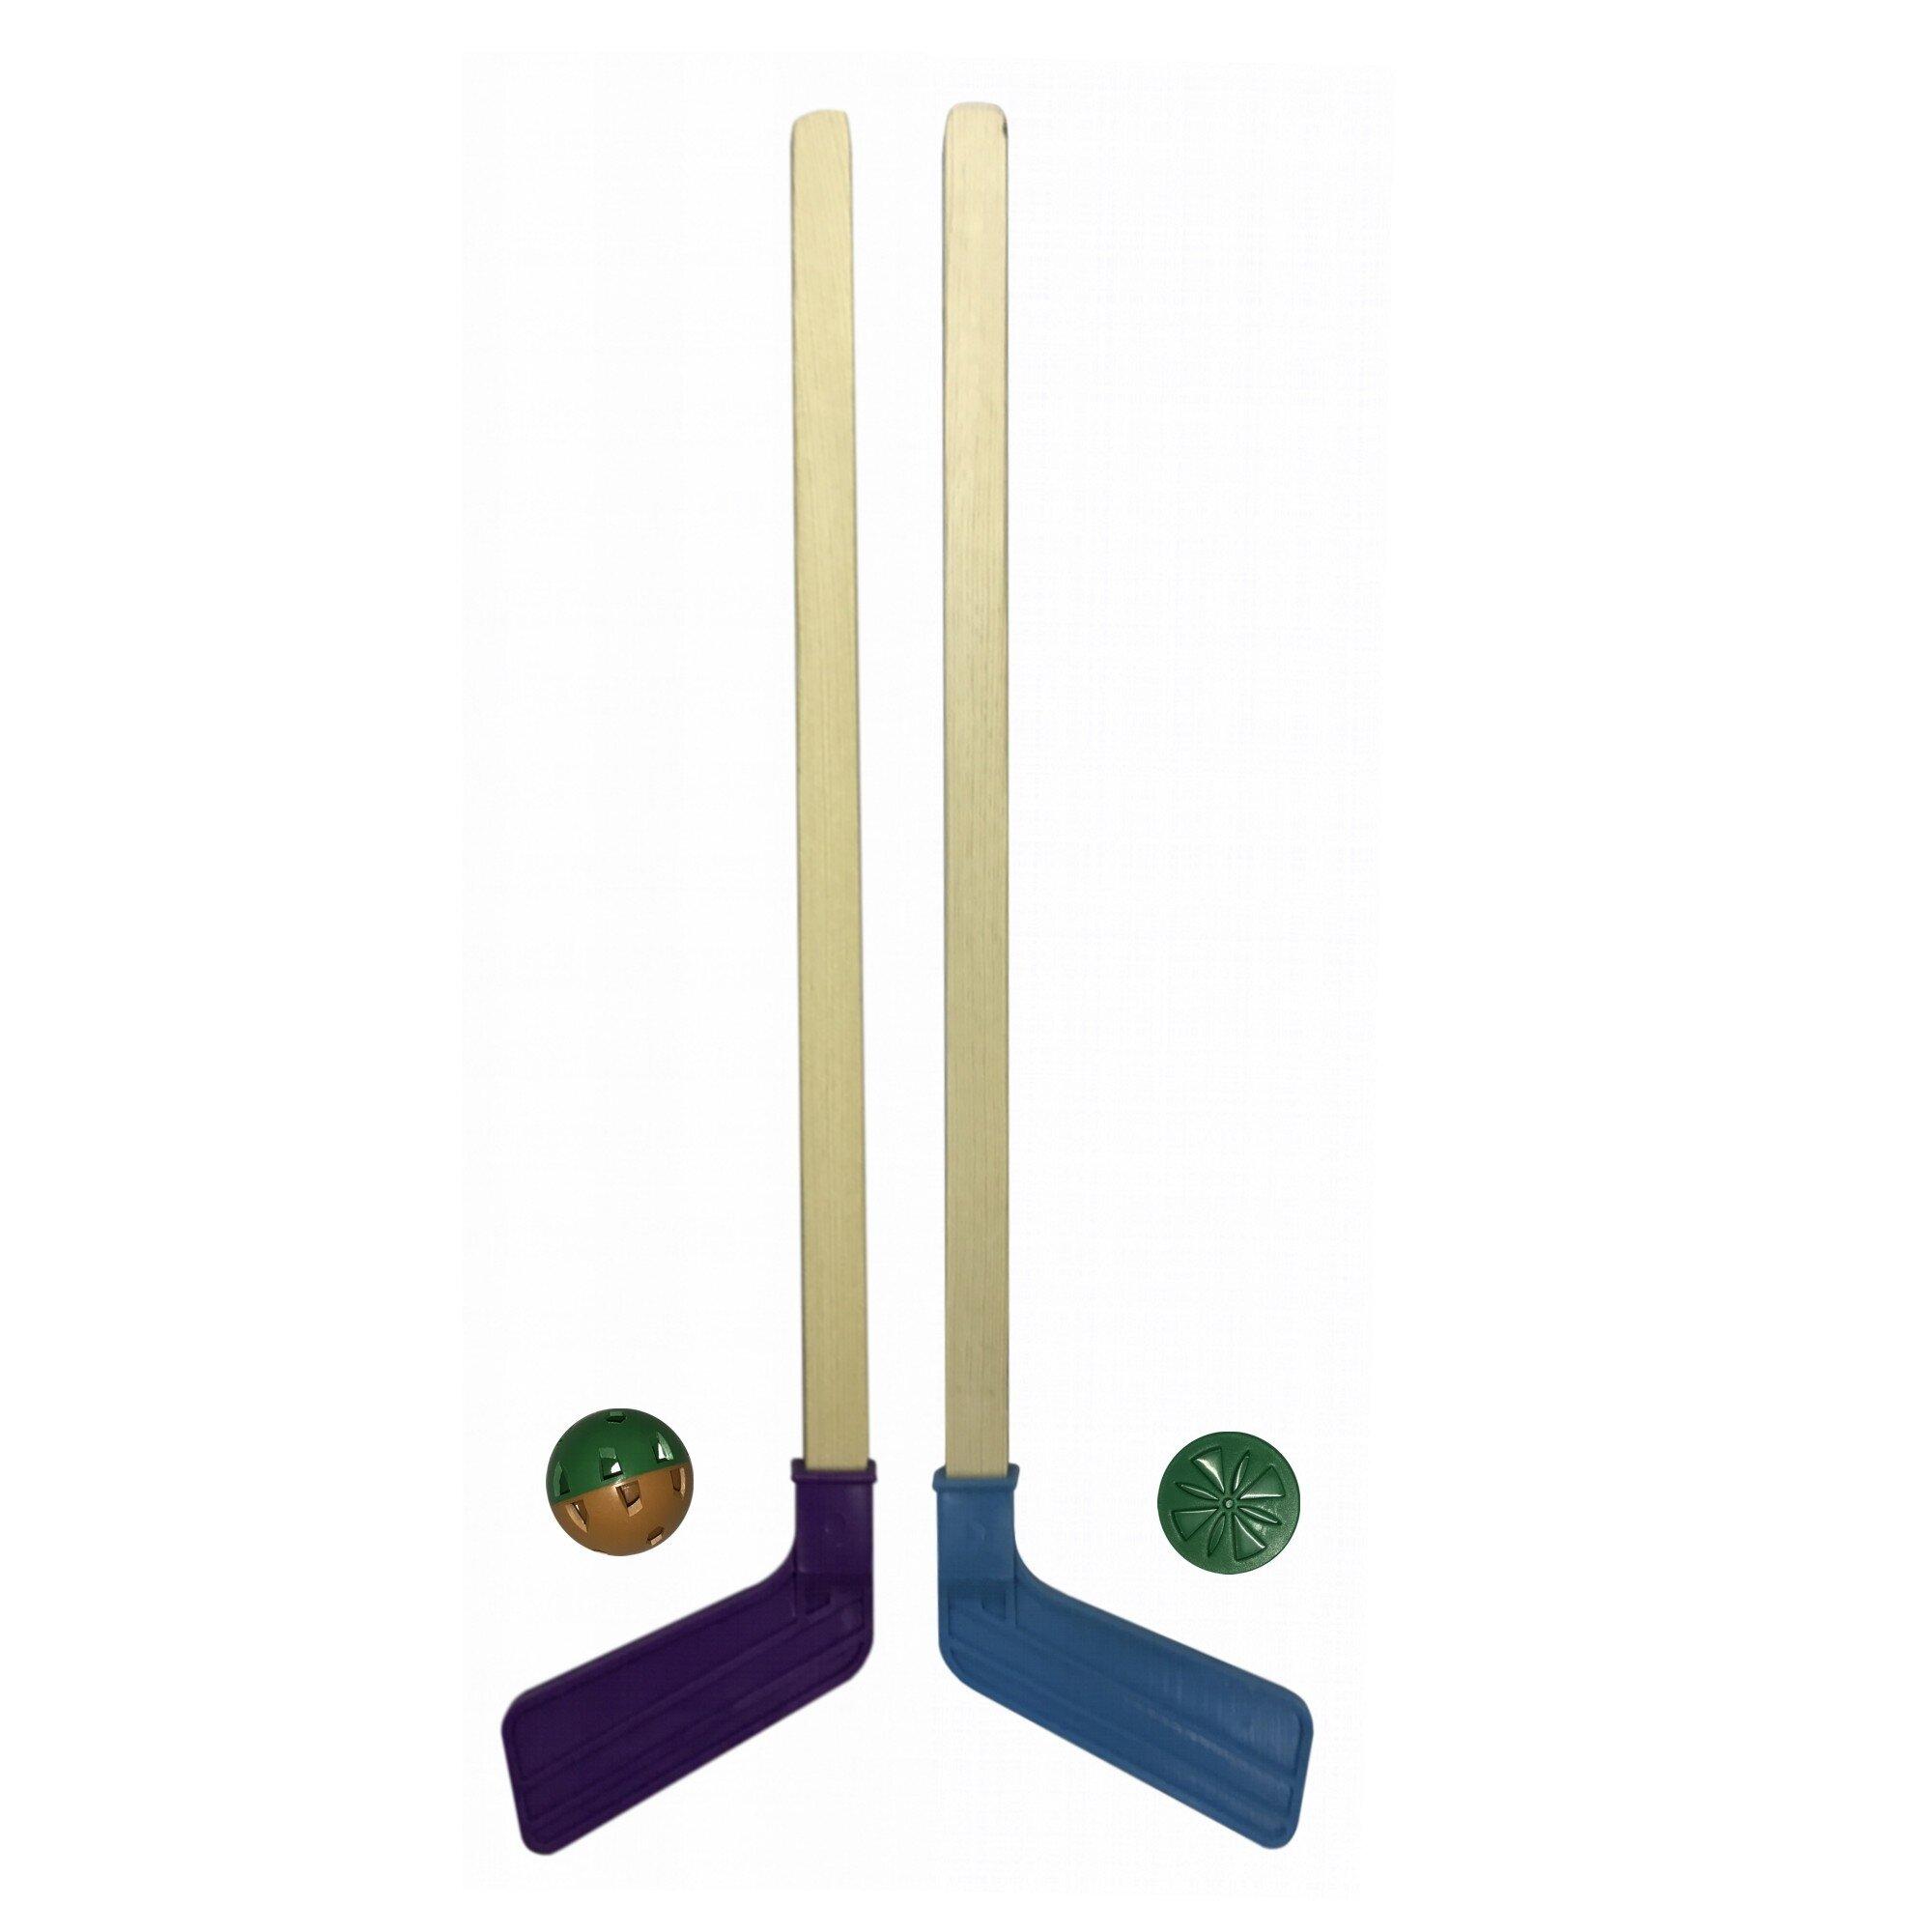 Хоккейные клюшки и шайбы ASE-SPORT 12-2.Хок.наб(2кшм)